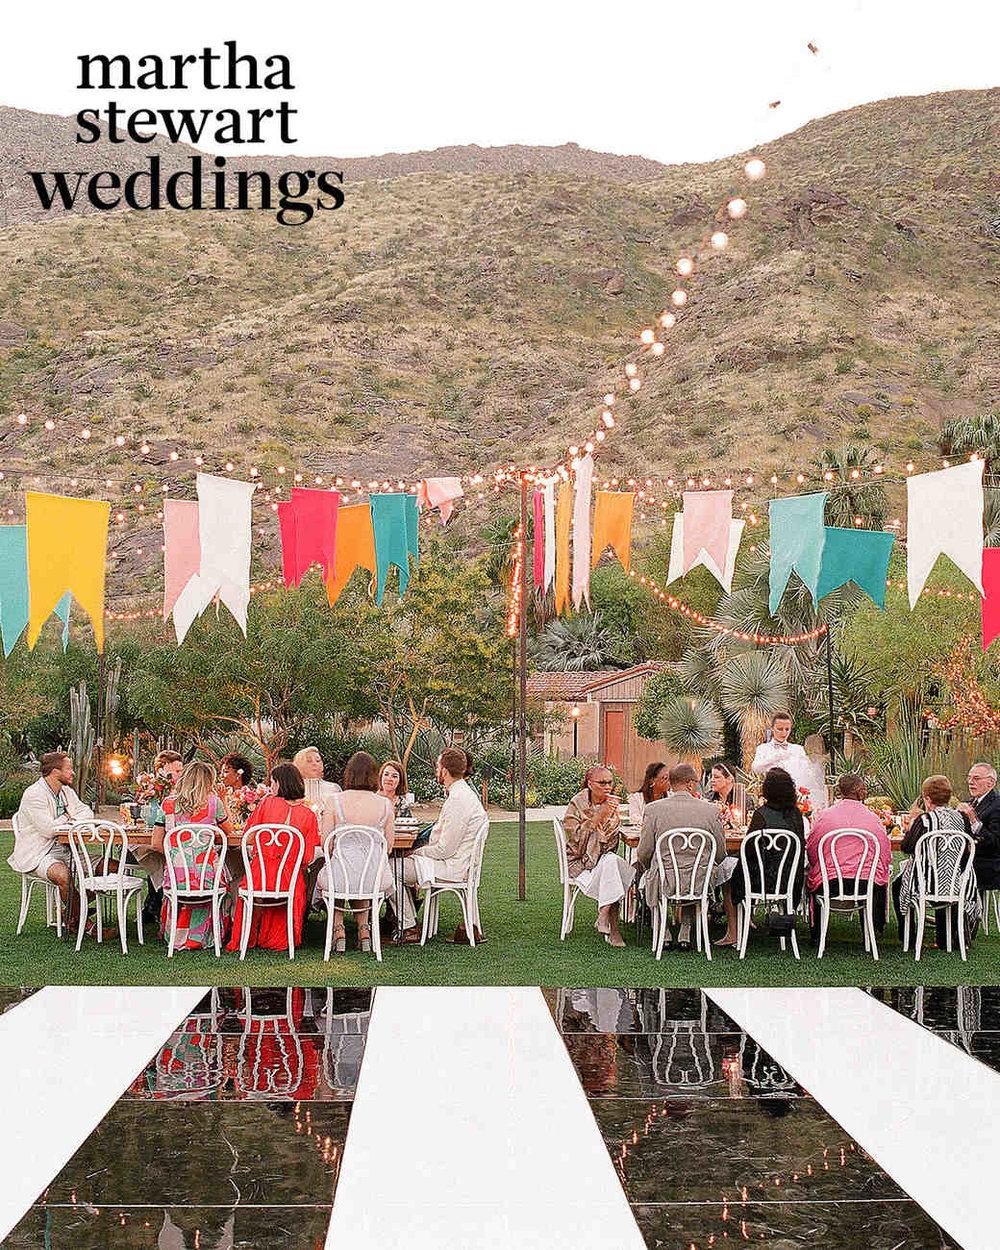 samira-wiley-lauren-morelli-wedding-reception-103016863_vert.jpg